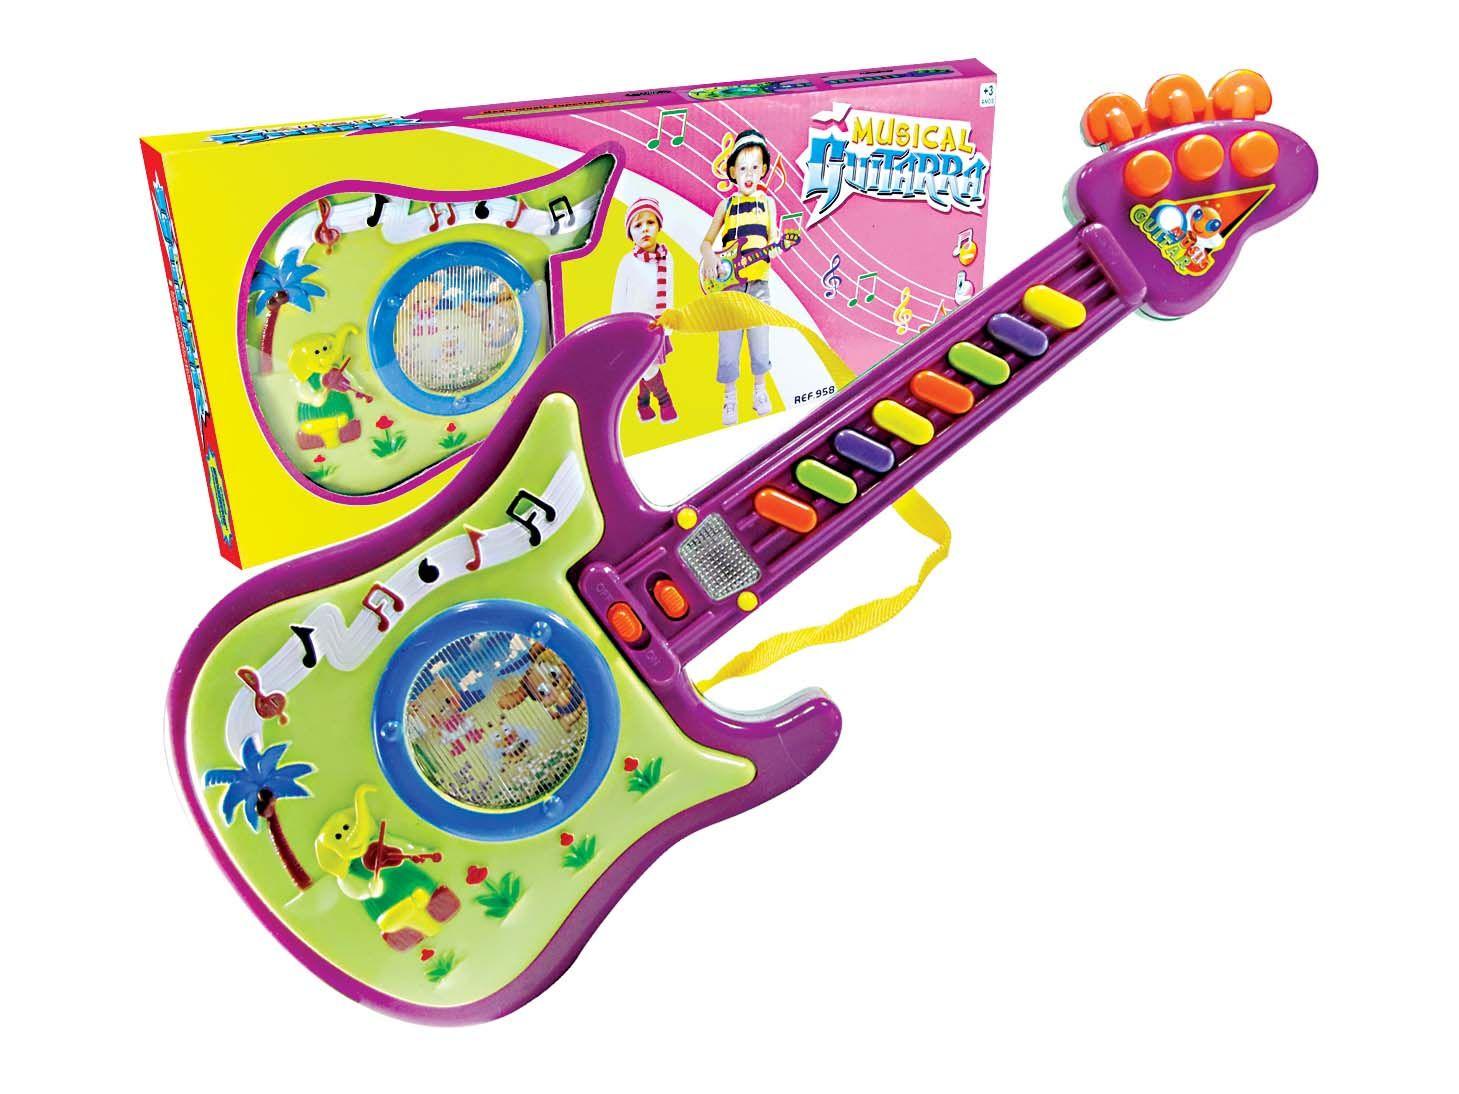 Guitarra Infantil Musical Colorida Com Luz e Sons Diversos - 958